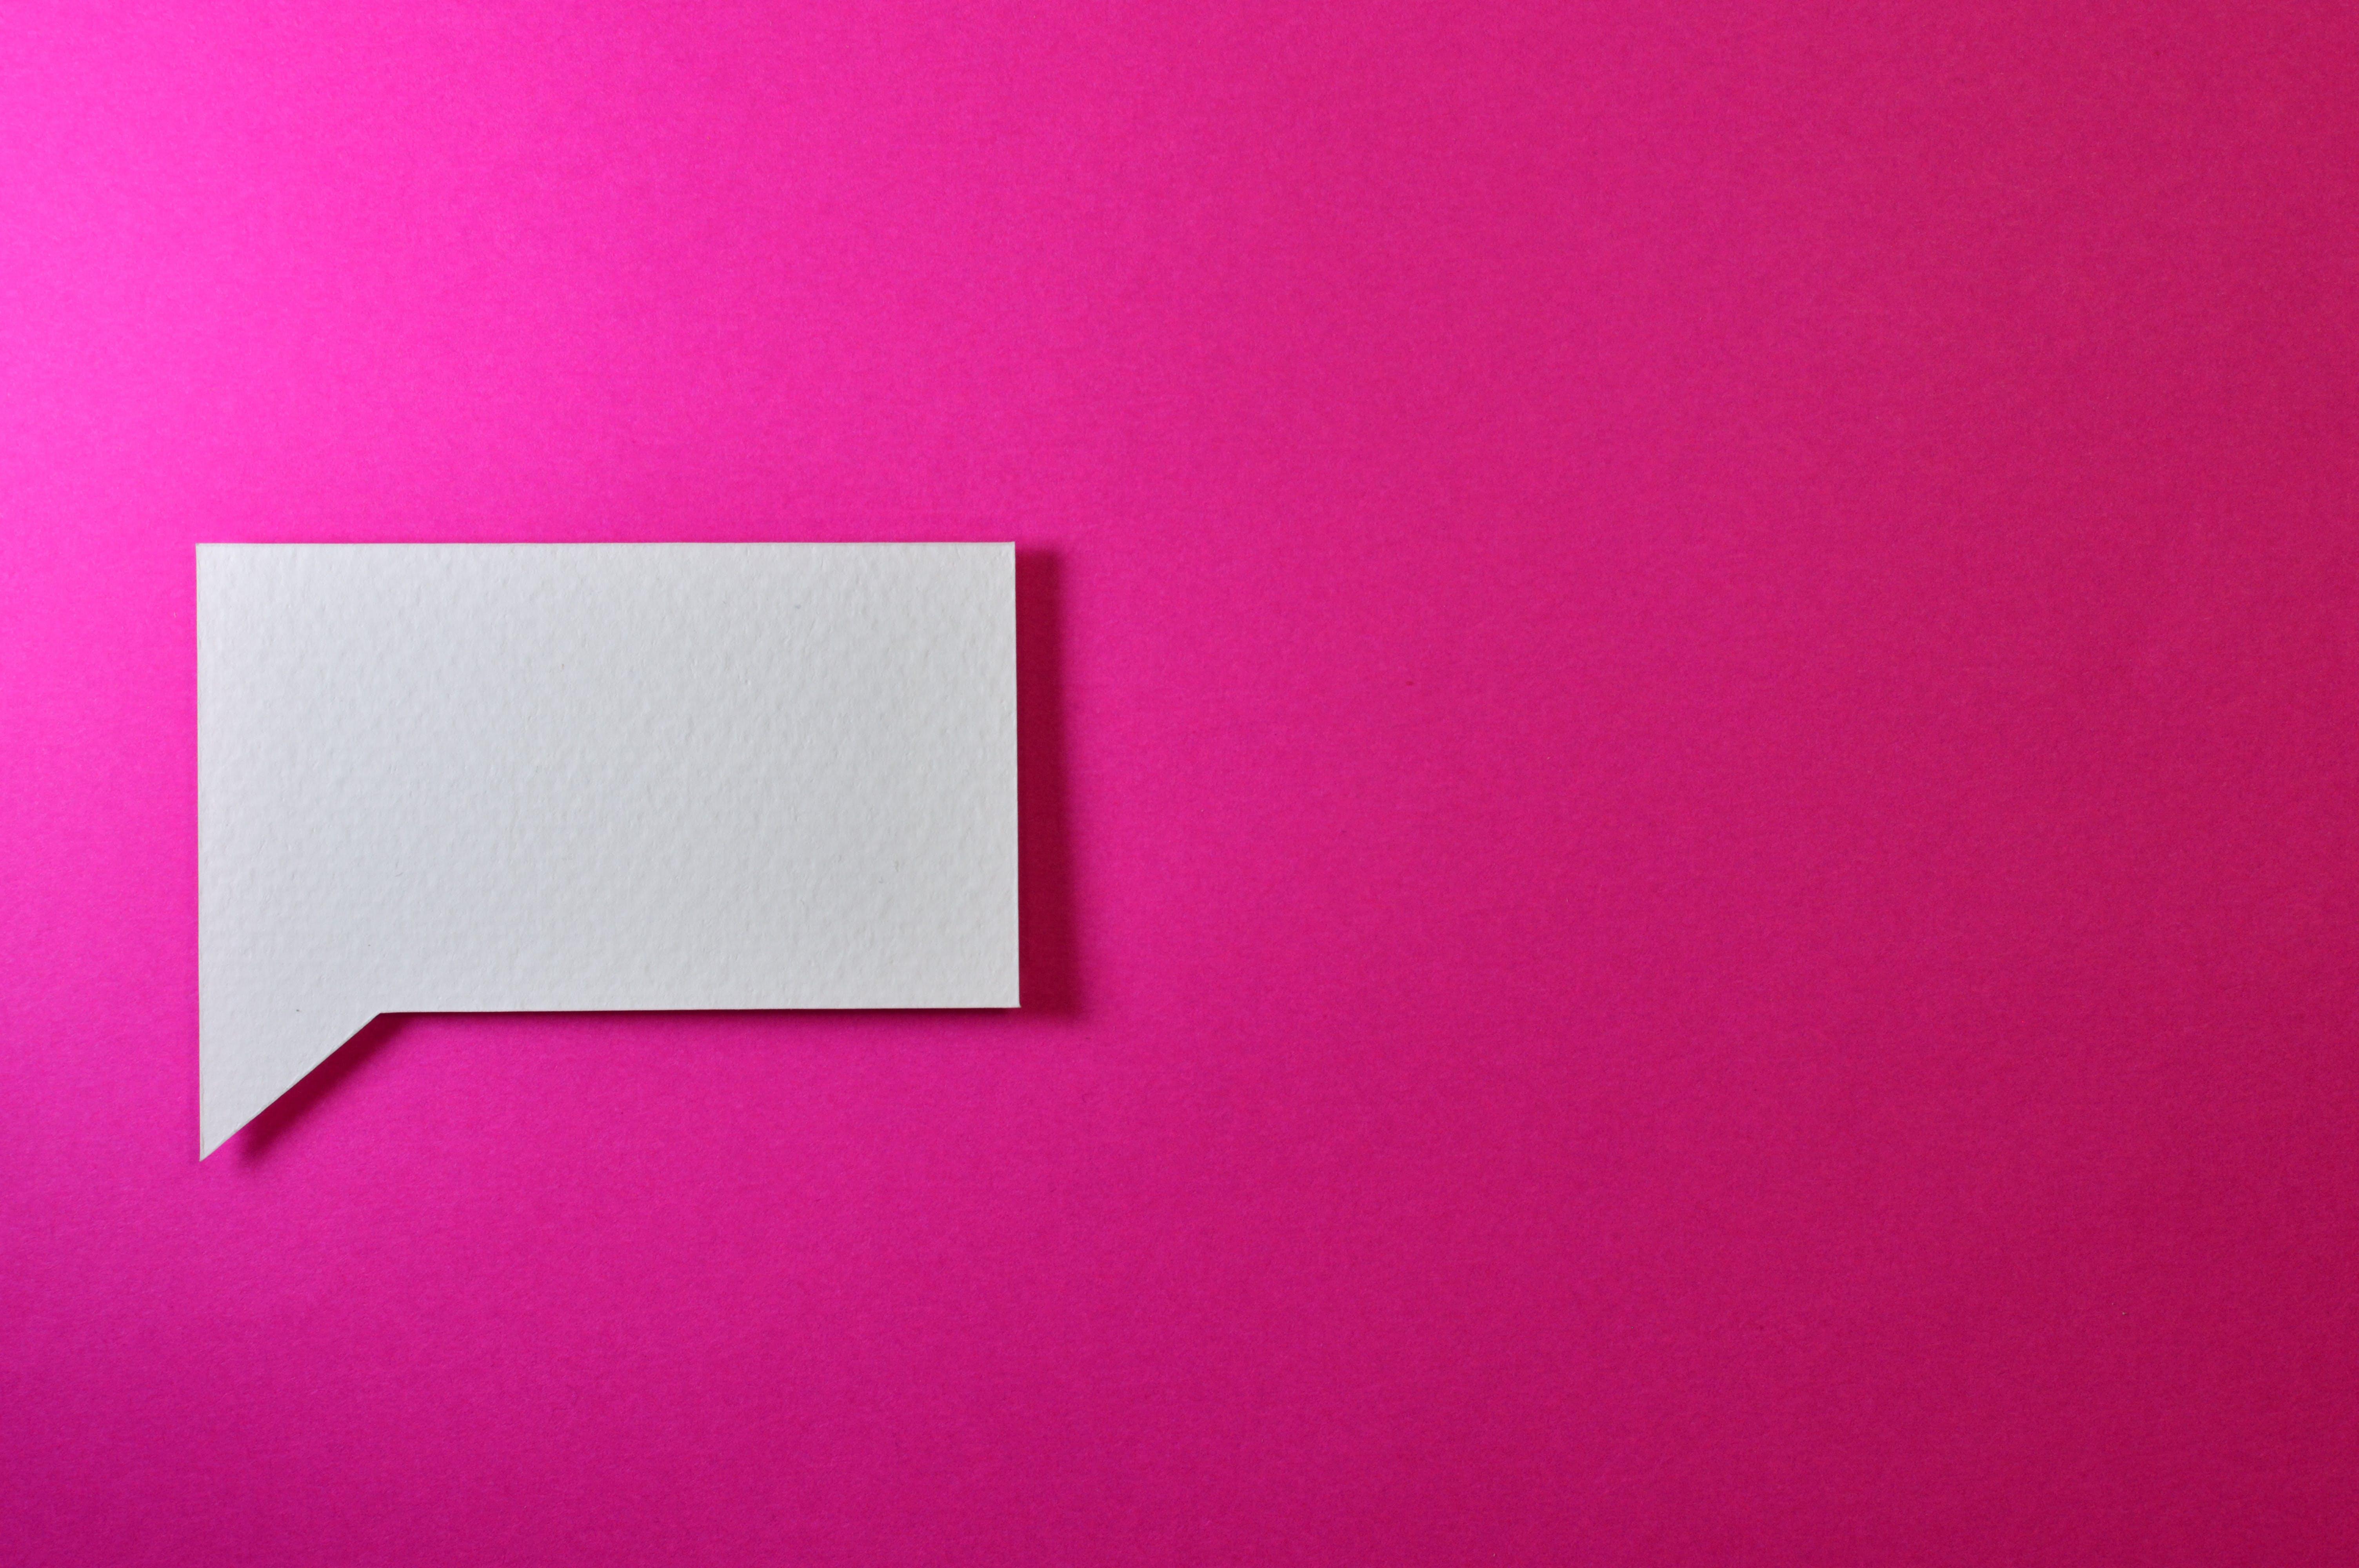 디자인, 모양, 분홍색 배경, 비어 있는의 무료 스톡 사진